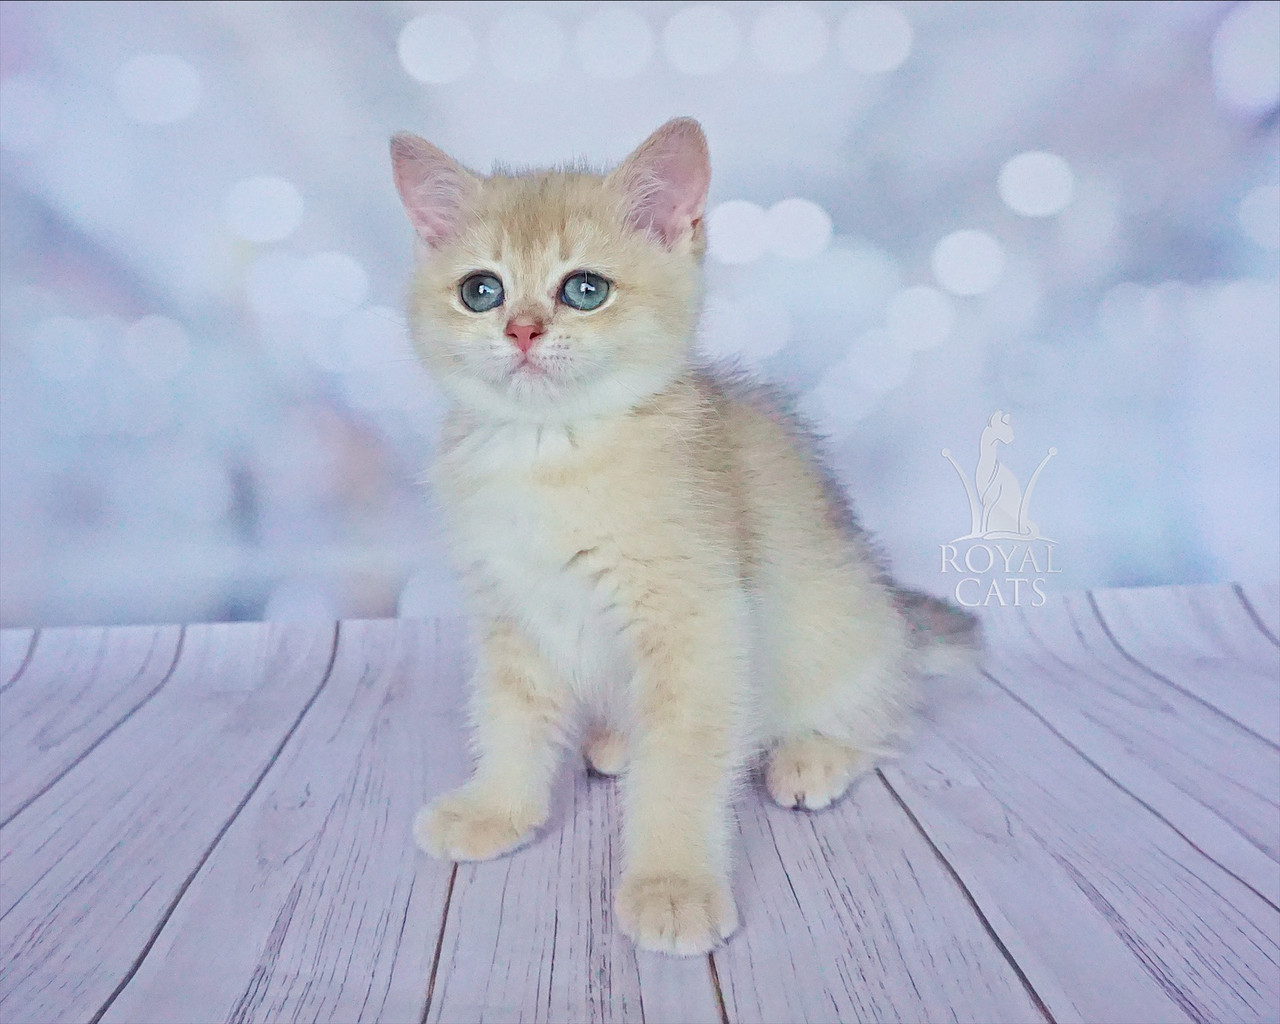 Кошечка шотландская прямоухая шиншилла, рождена 13.05.2020 в питомнике Royal Cats. Украина, Киев